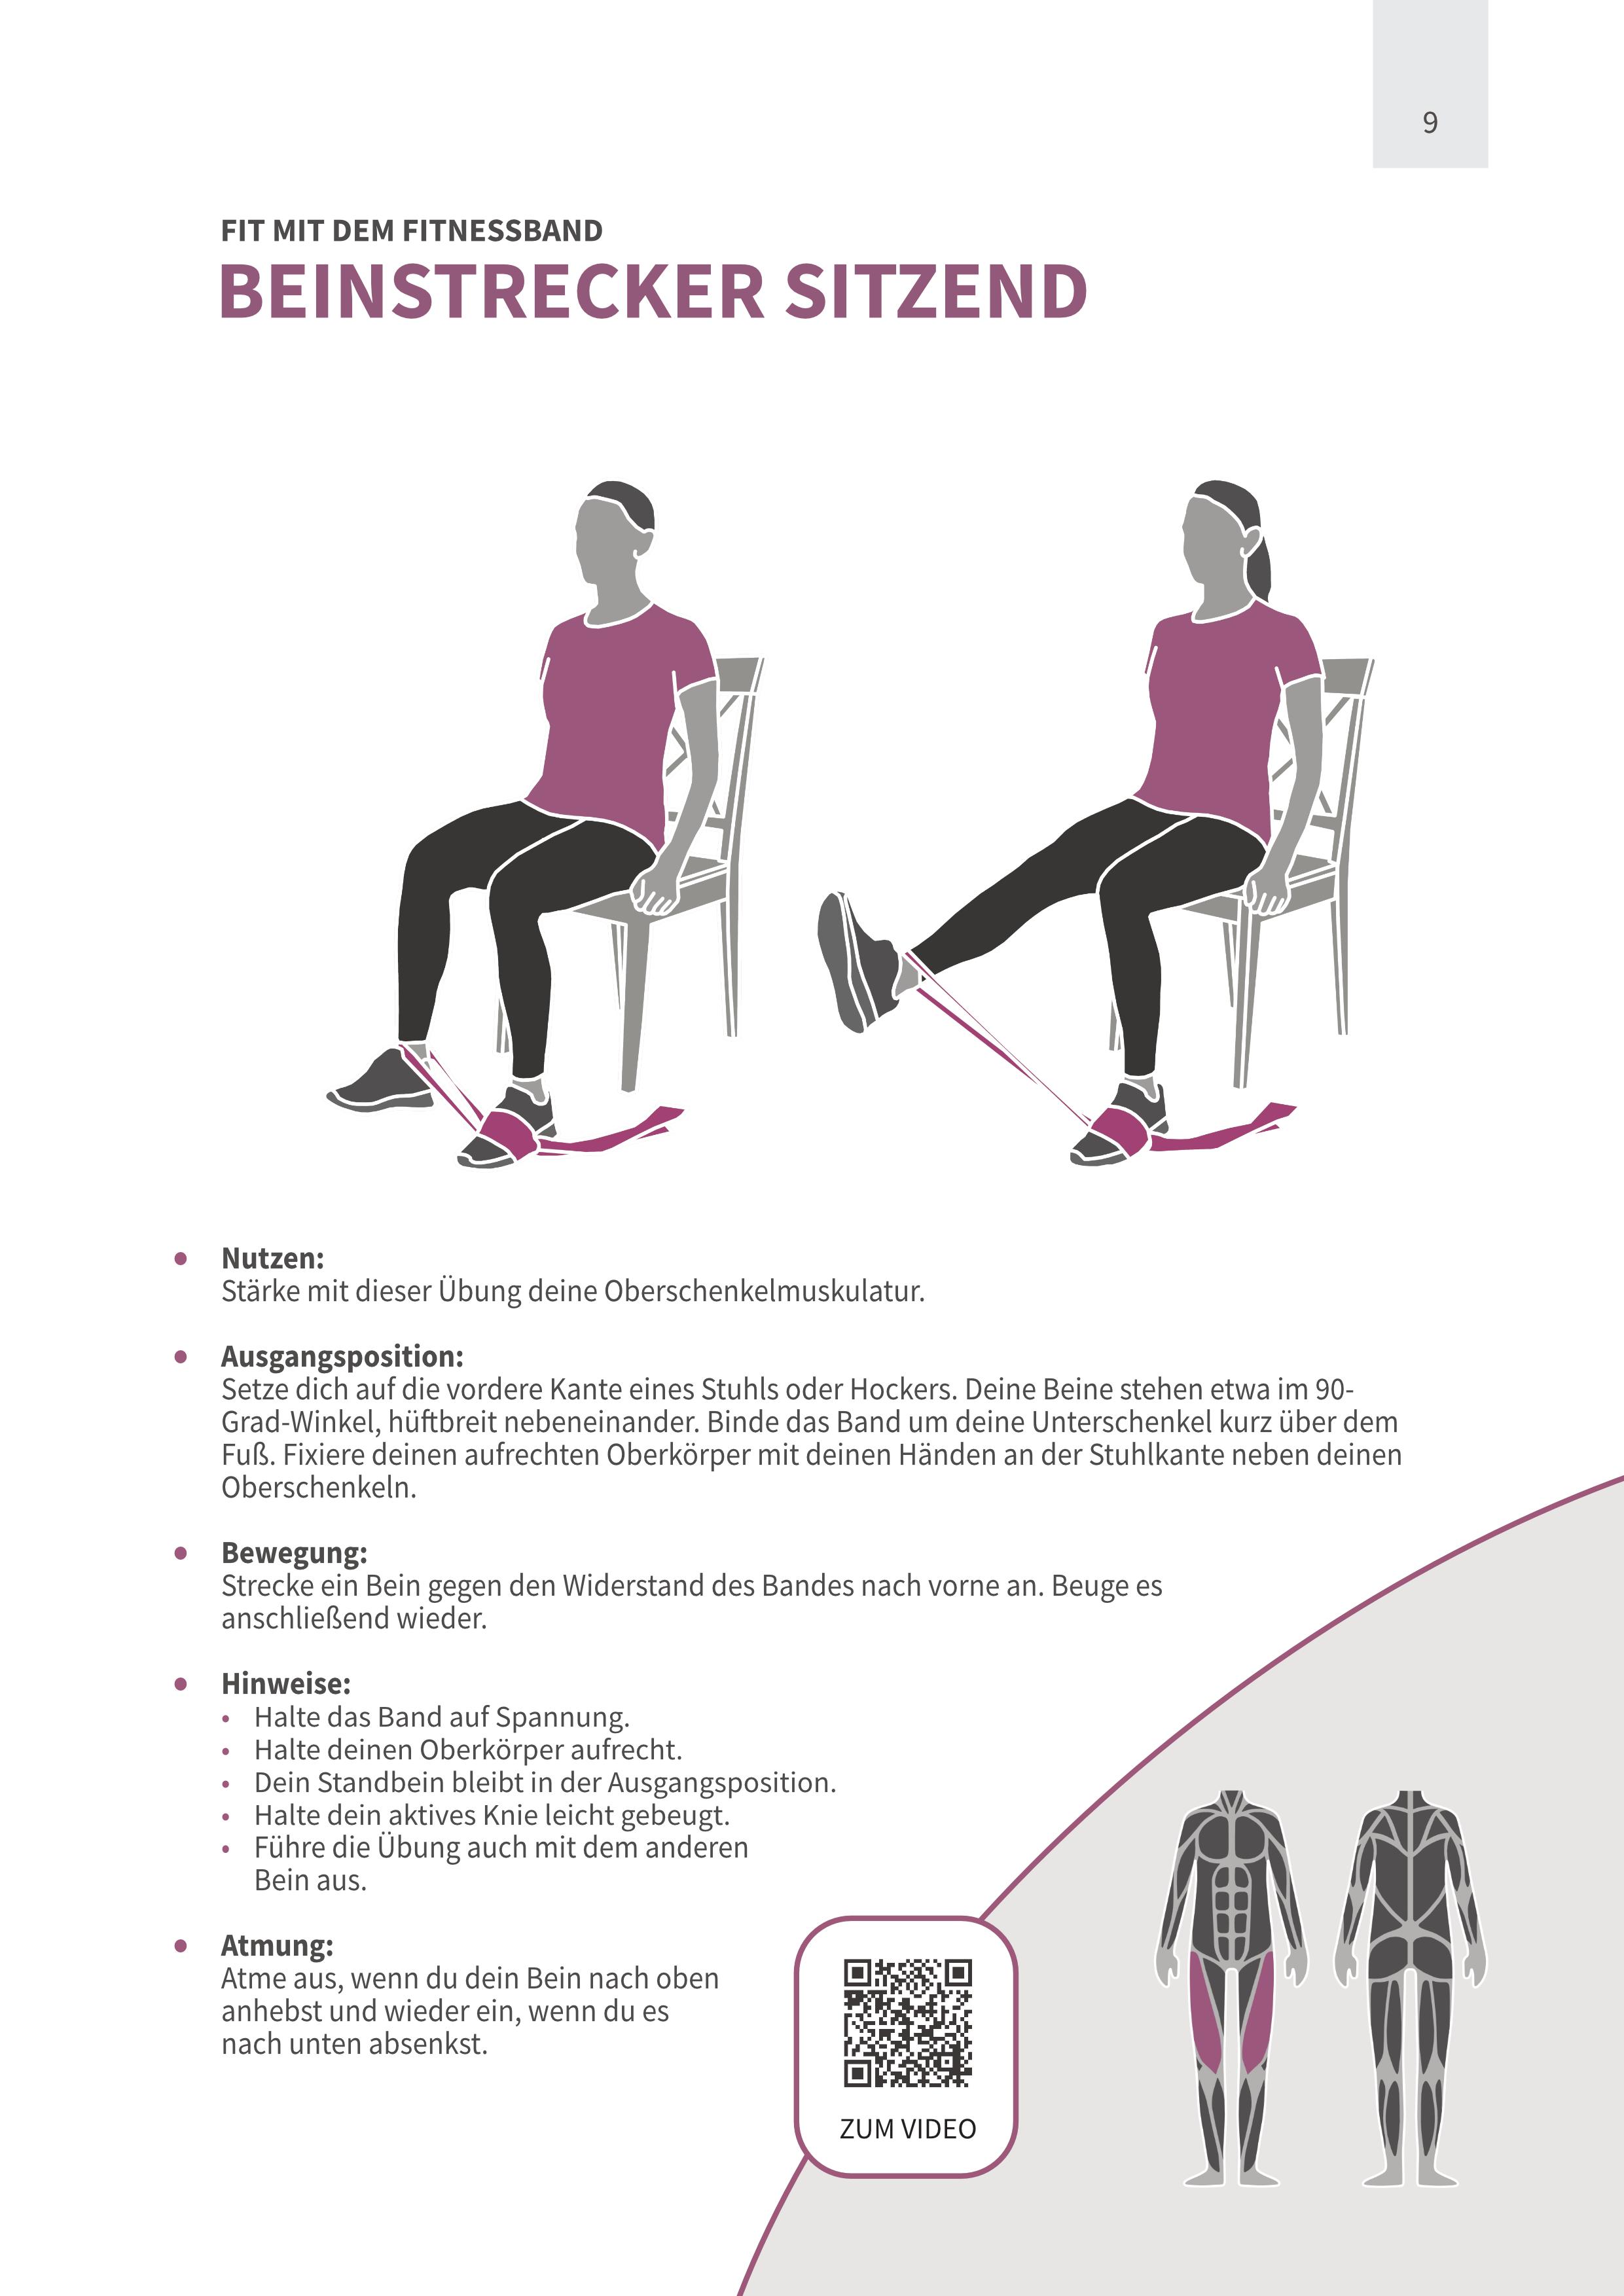 Beinstrecker sitzend mit Fitnessband